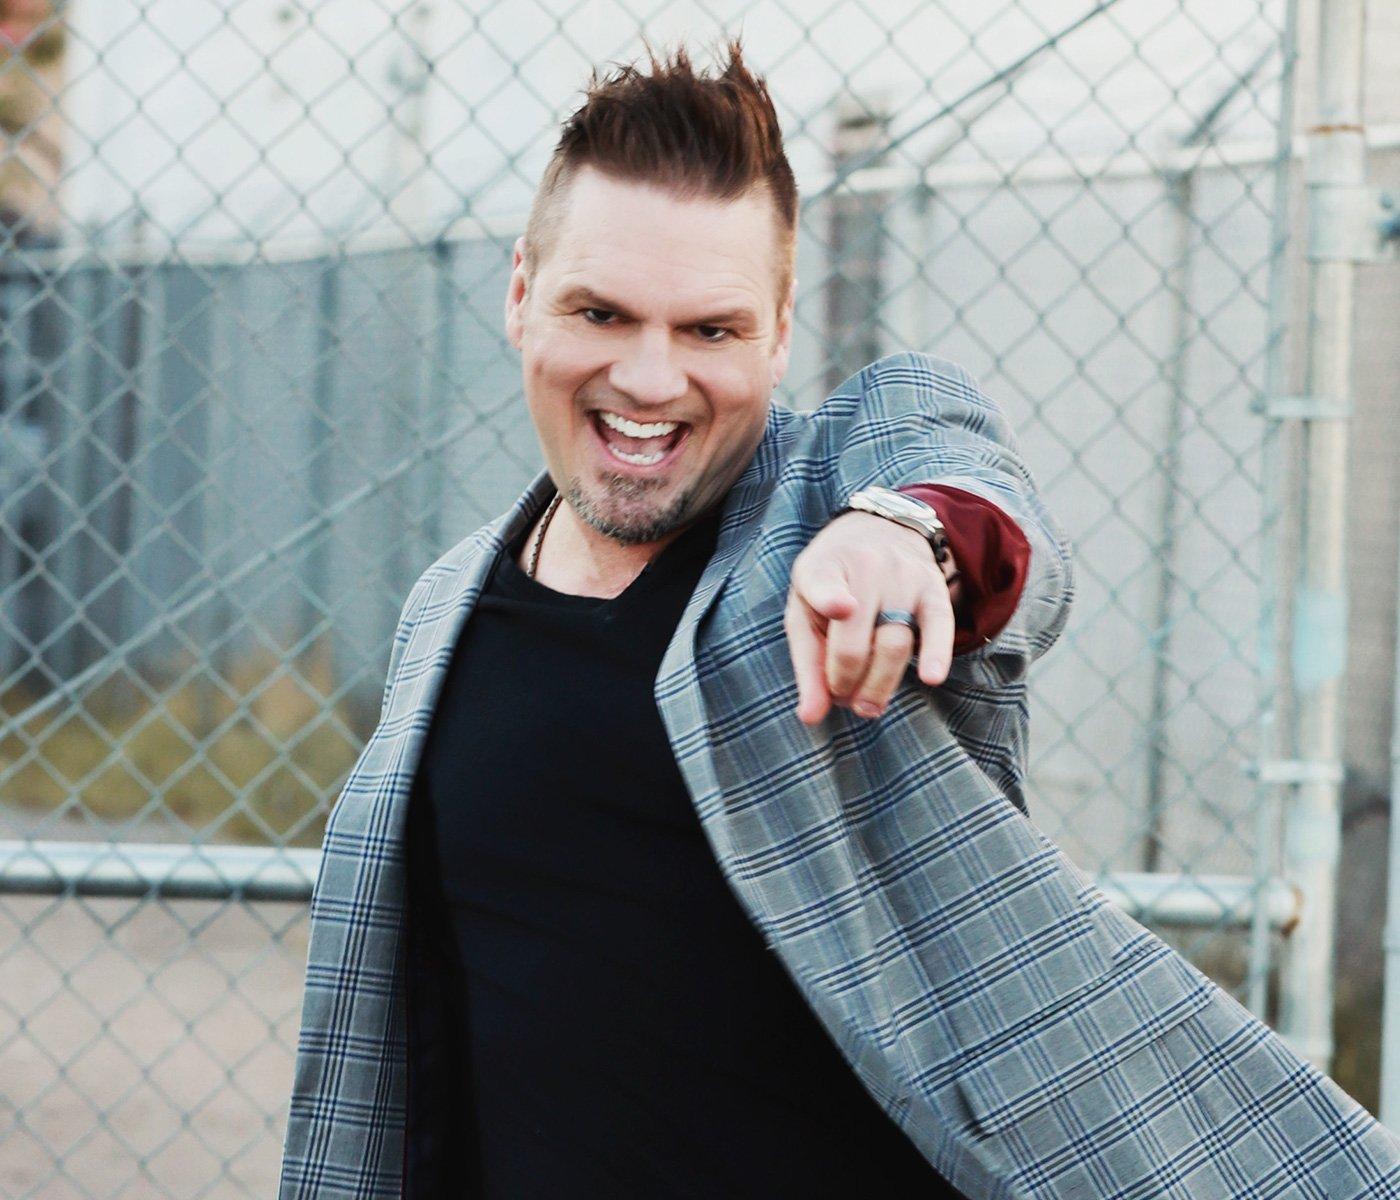 Bart Doerfler, Entertainment Consultant